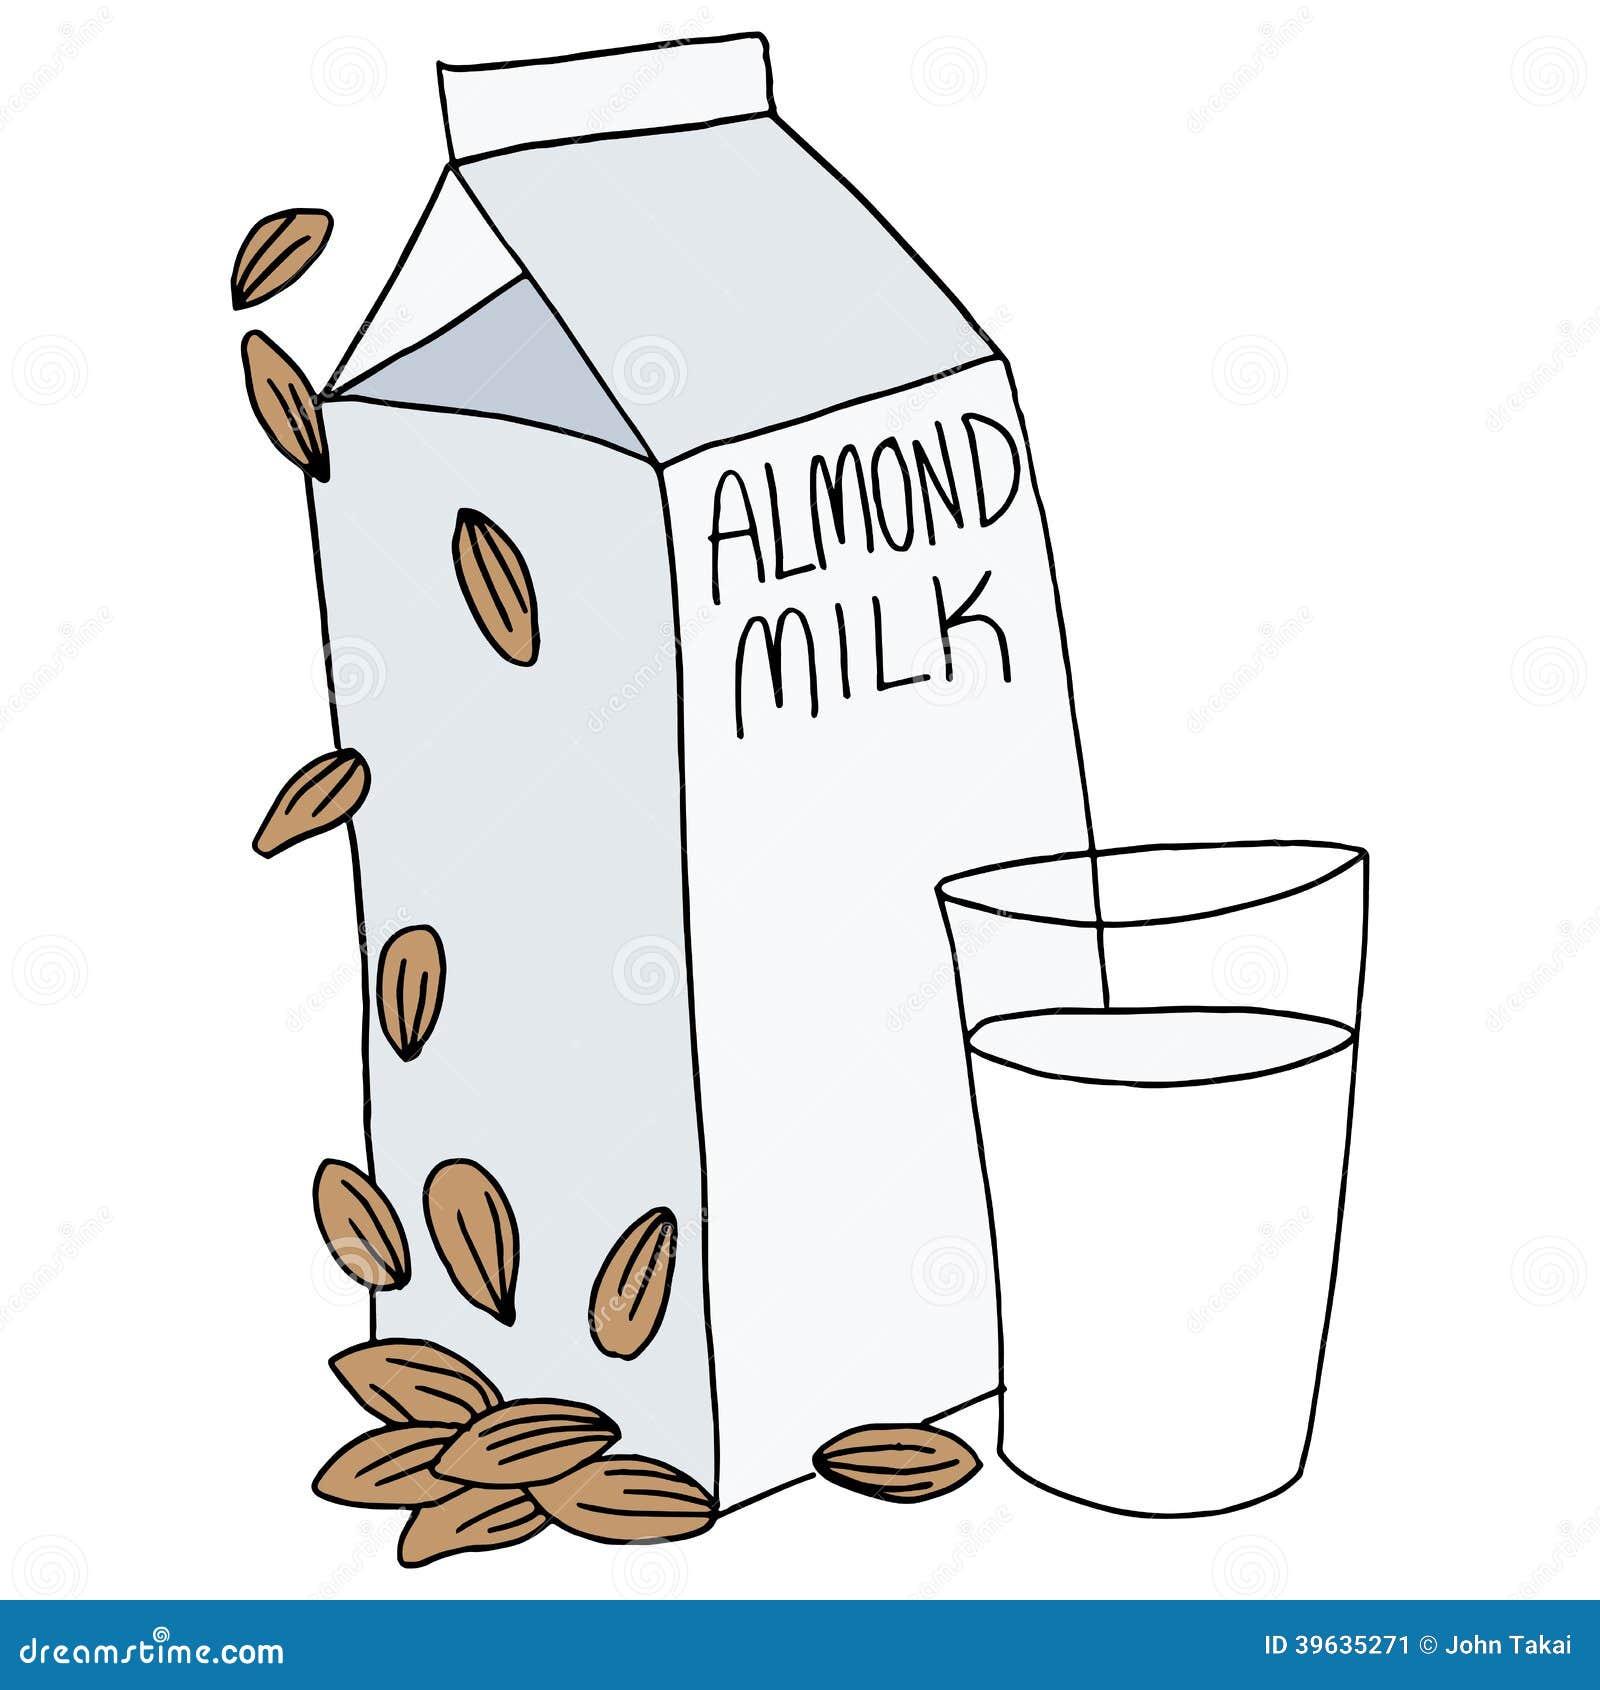 Almond milk carton stock vector image 39635271